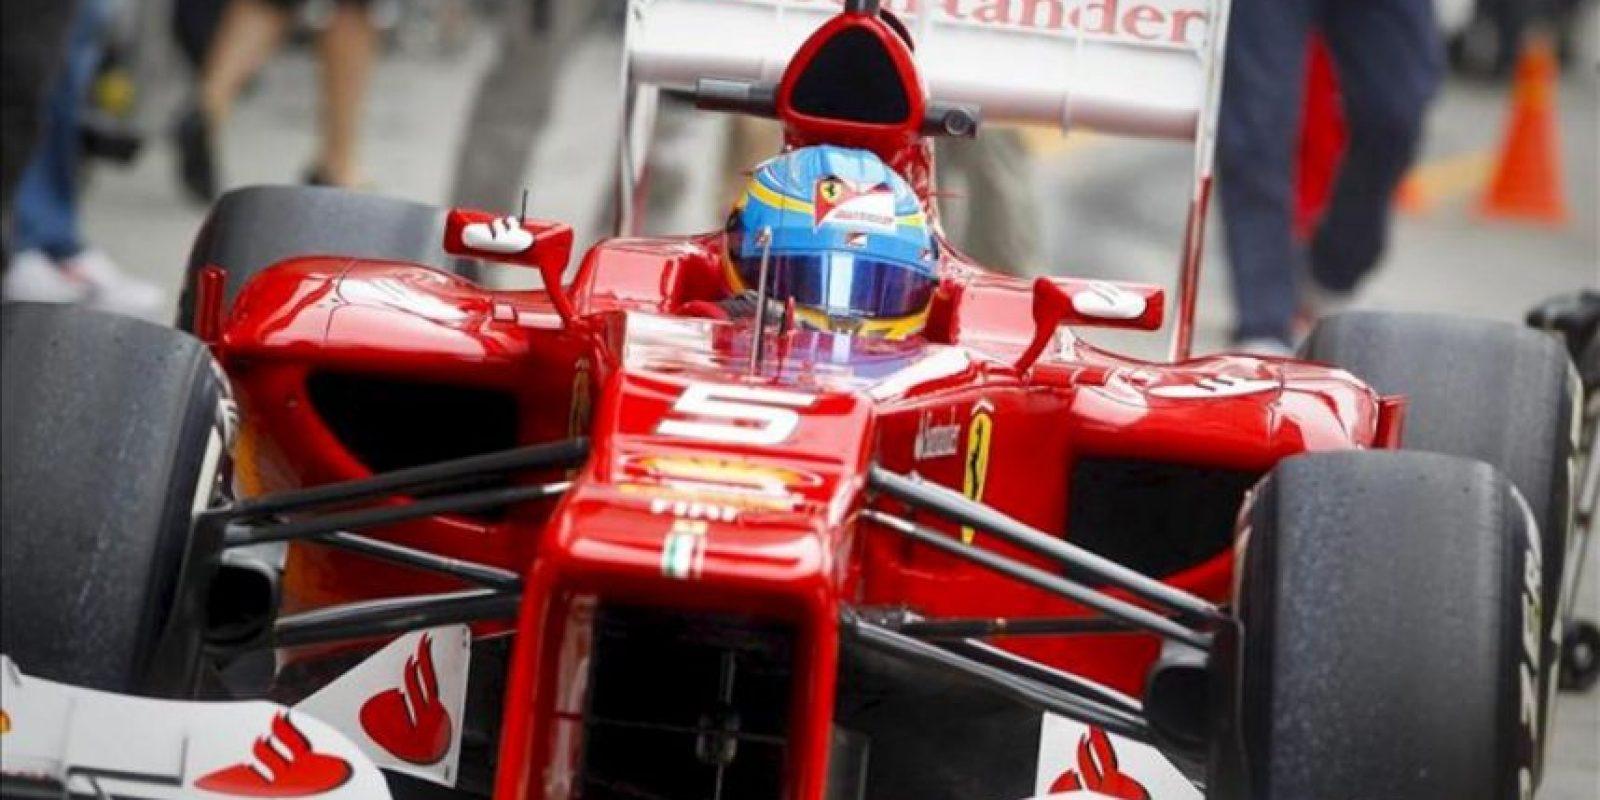 El piloto español Fernando Alonso, de Ferrari, durante una parada en la calle de garajes en la primera sesión de entrenamientos para el Gran Premio de Fórmula Uno de China, hoy en Shanghái, China. EFE